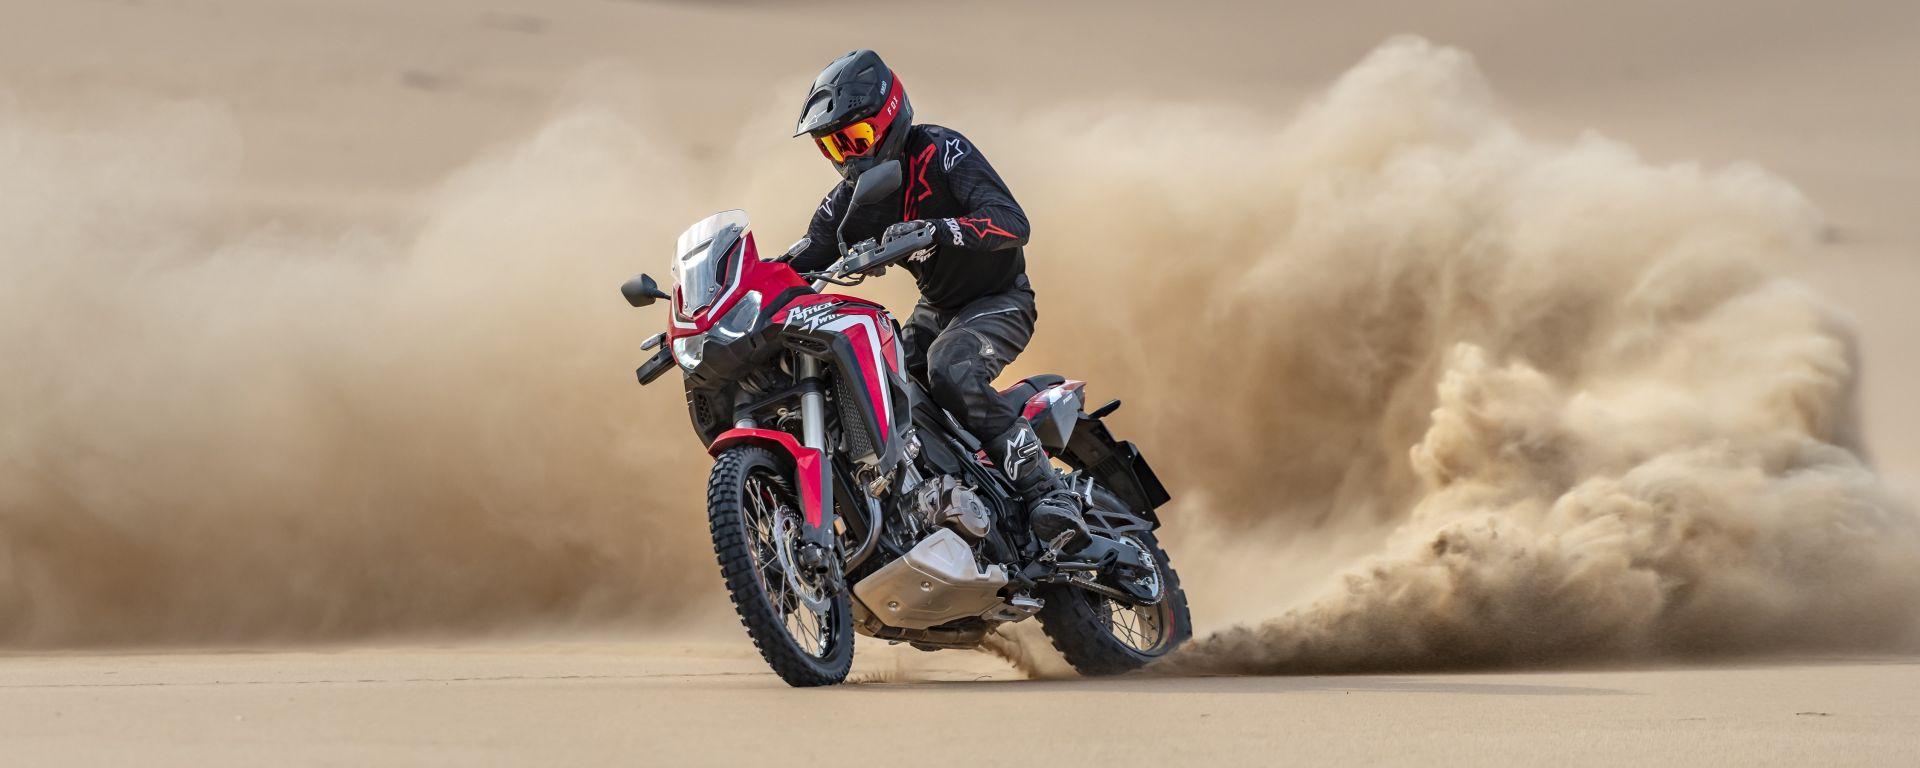 Sulle dune con la Honda CRF1100L Africa Twin 2020